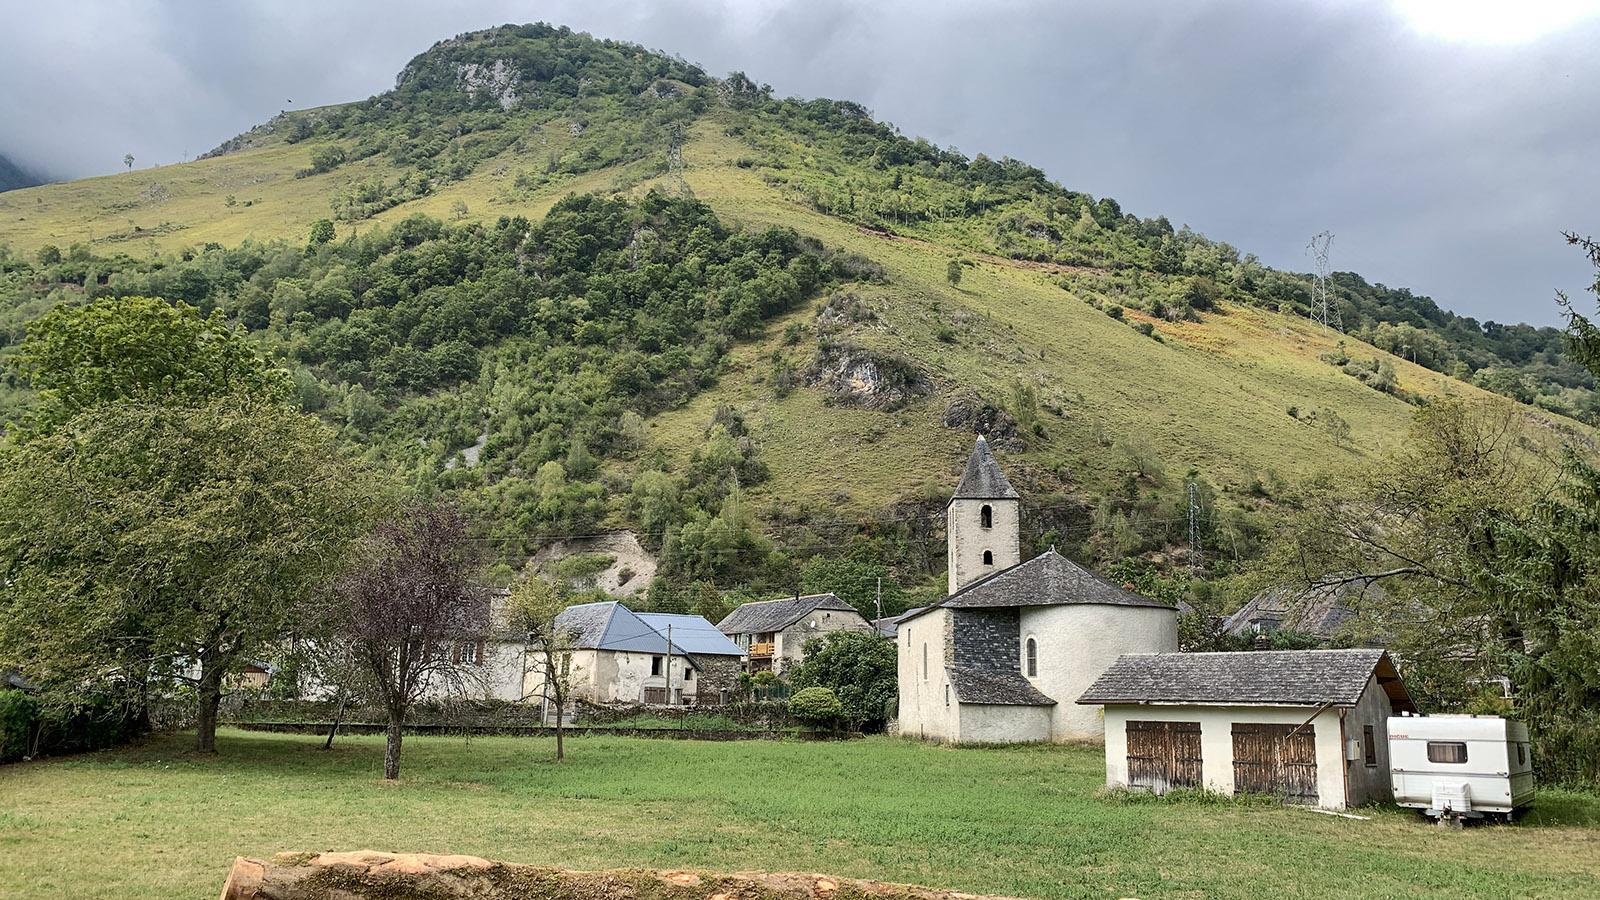 Die Kirche von Gère im Tal des Gave d'Ossau. Foto: Hilke Maunder